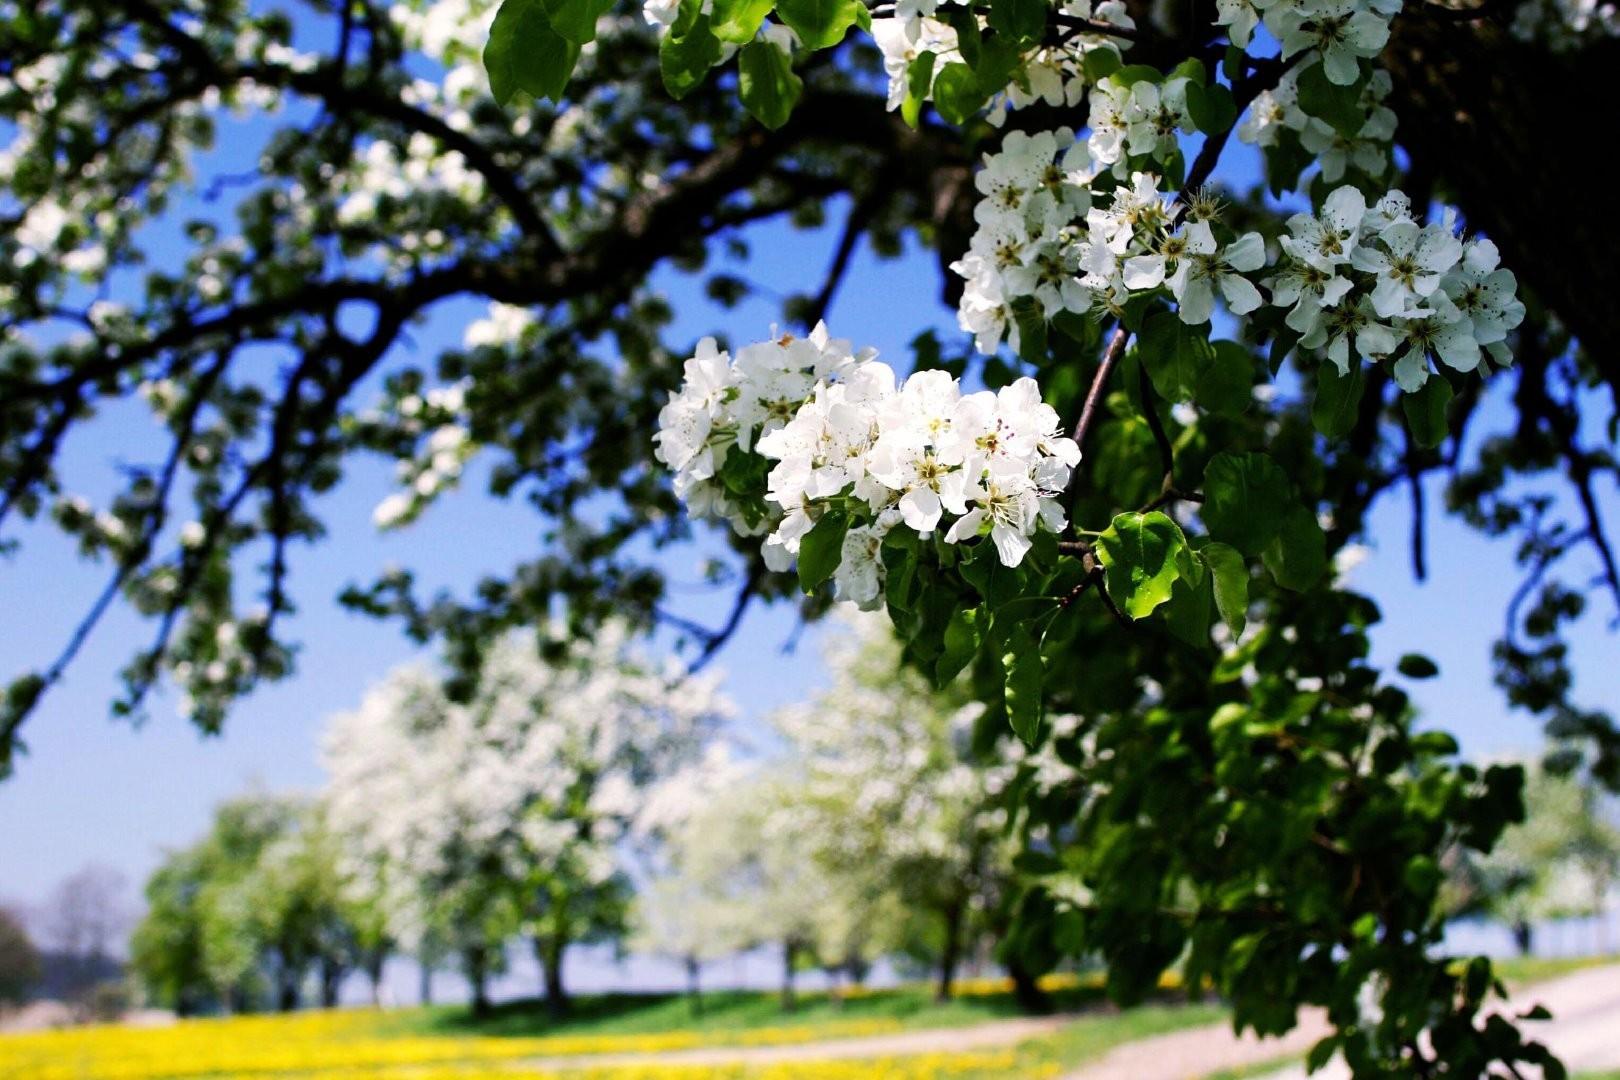 Birnbaumblüte_.jpg